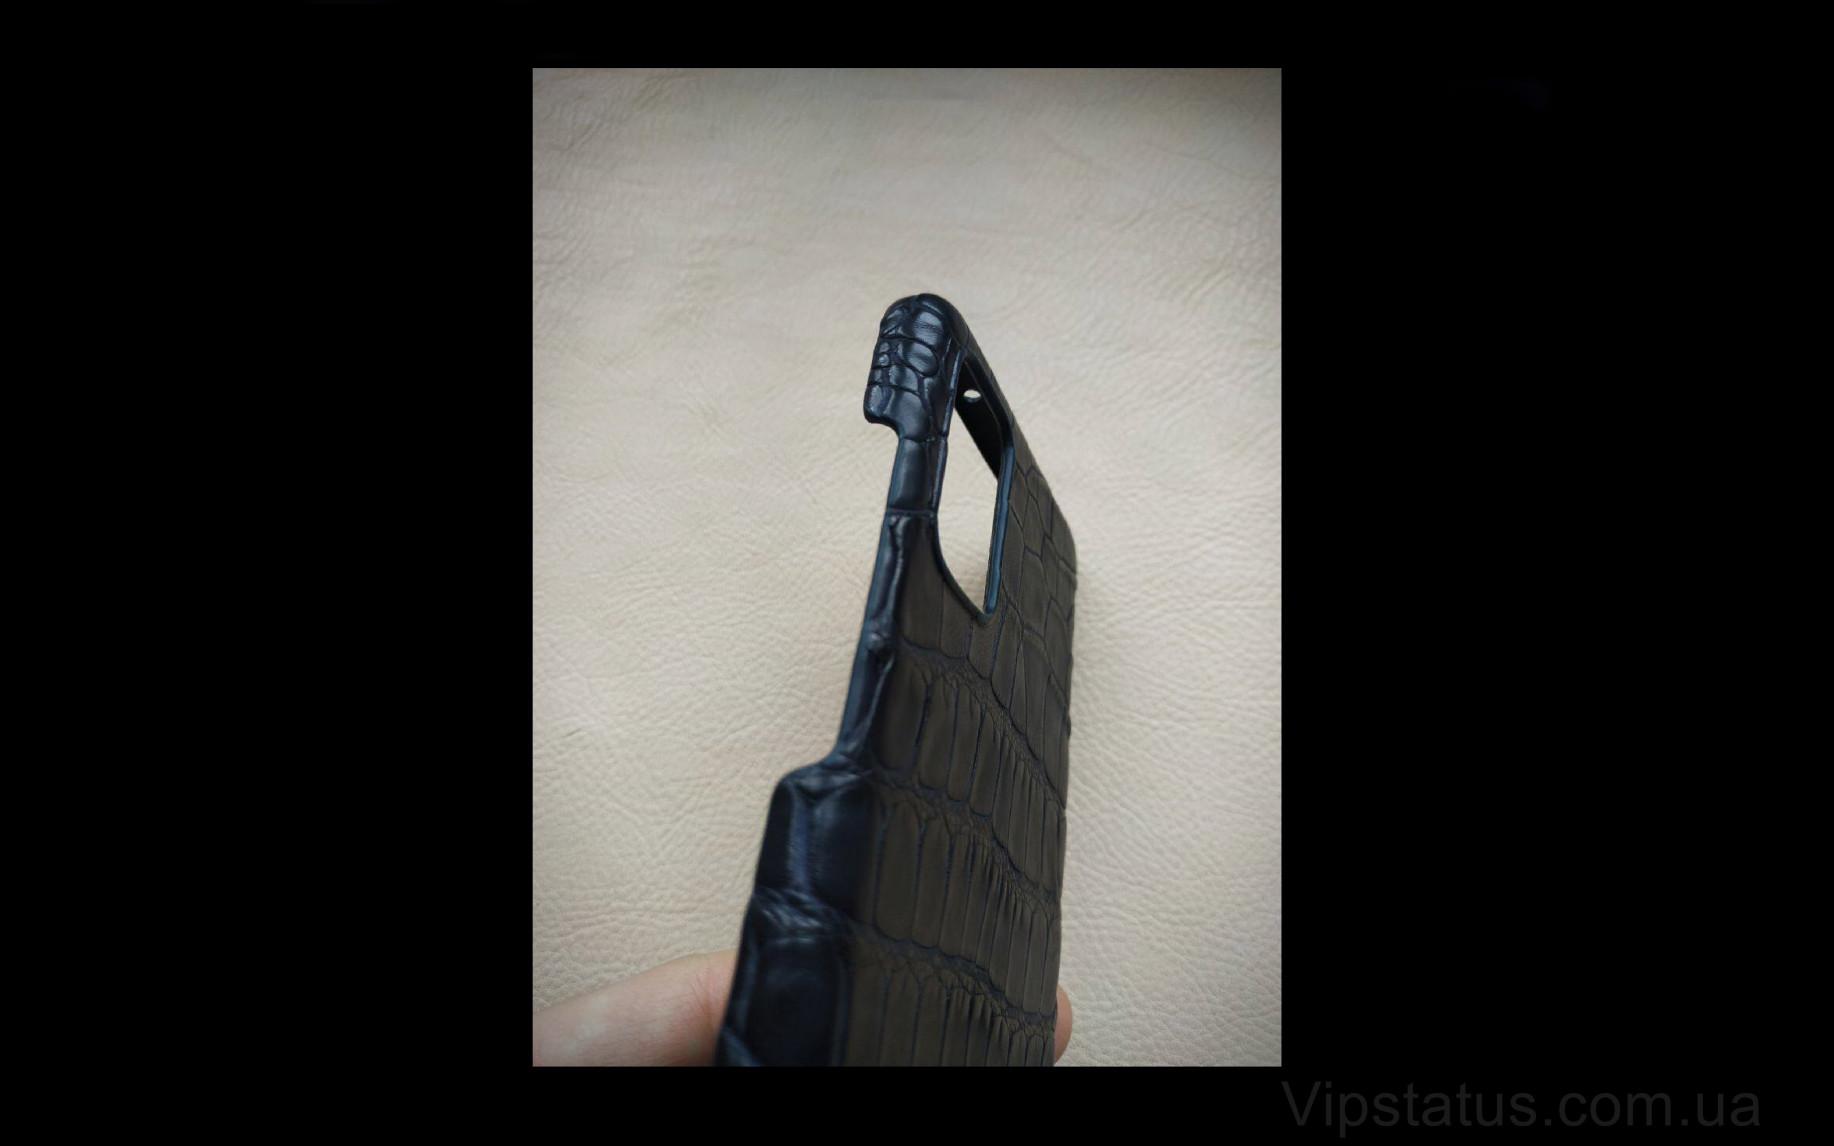 Elite Black Night Премиум чехол Samsung S20 S21 Plus кожа крокодила Black Night Premium case Samsung S20 S21 Plus Crocodile leather image 4